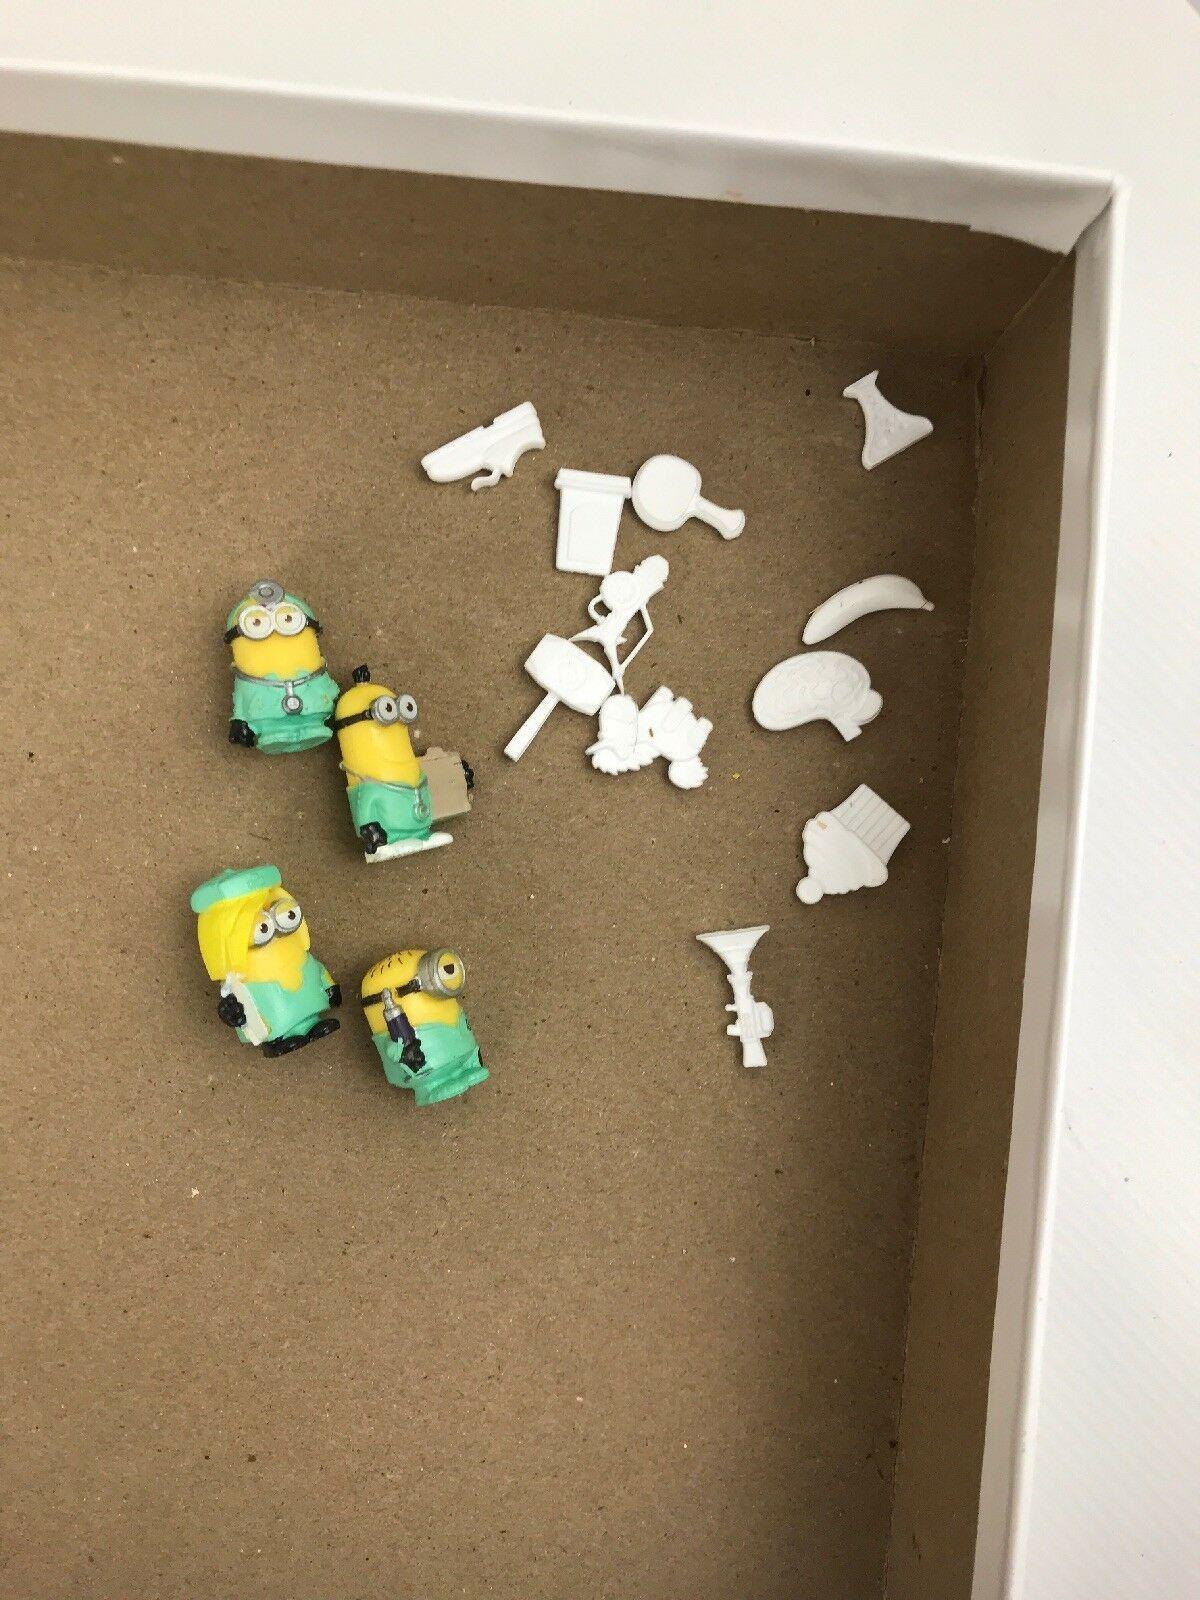 Hasbro Operation Despicable Me Minion Children's Board Game